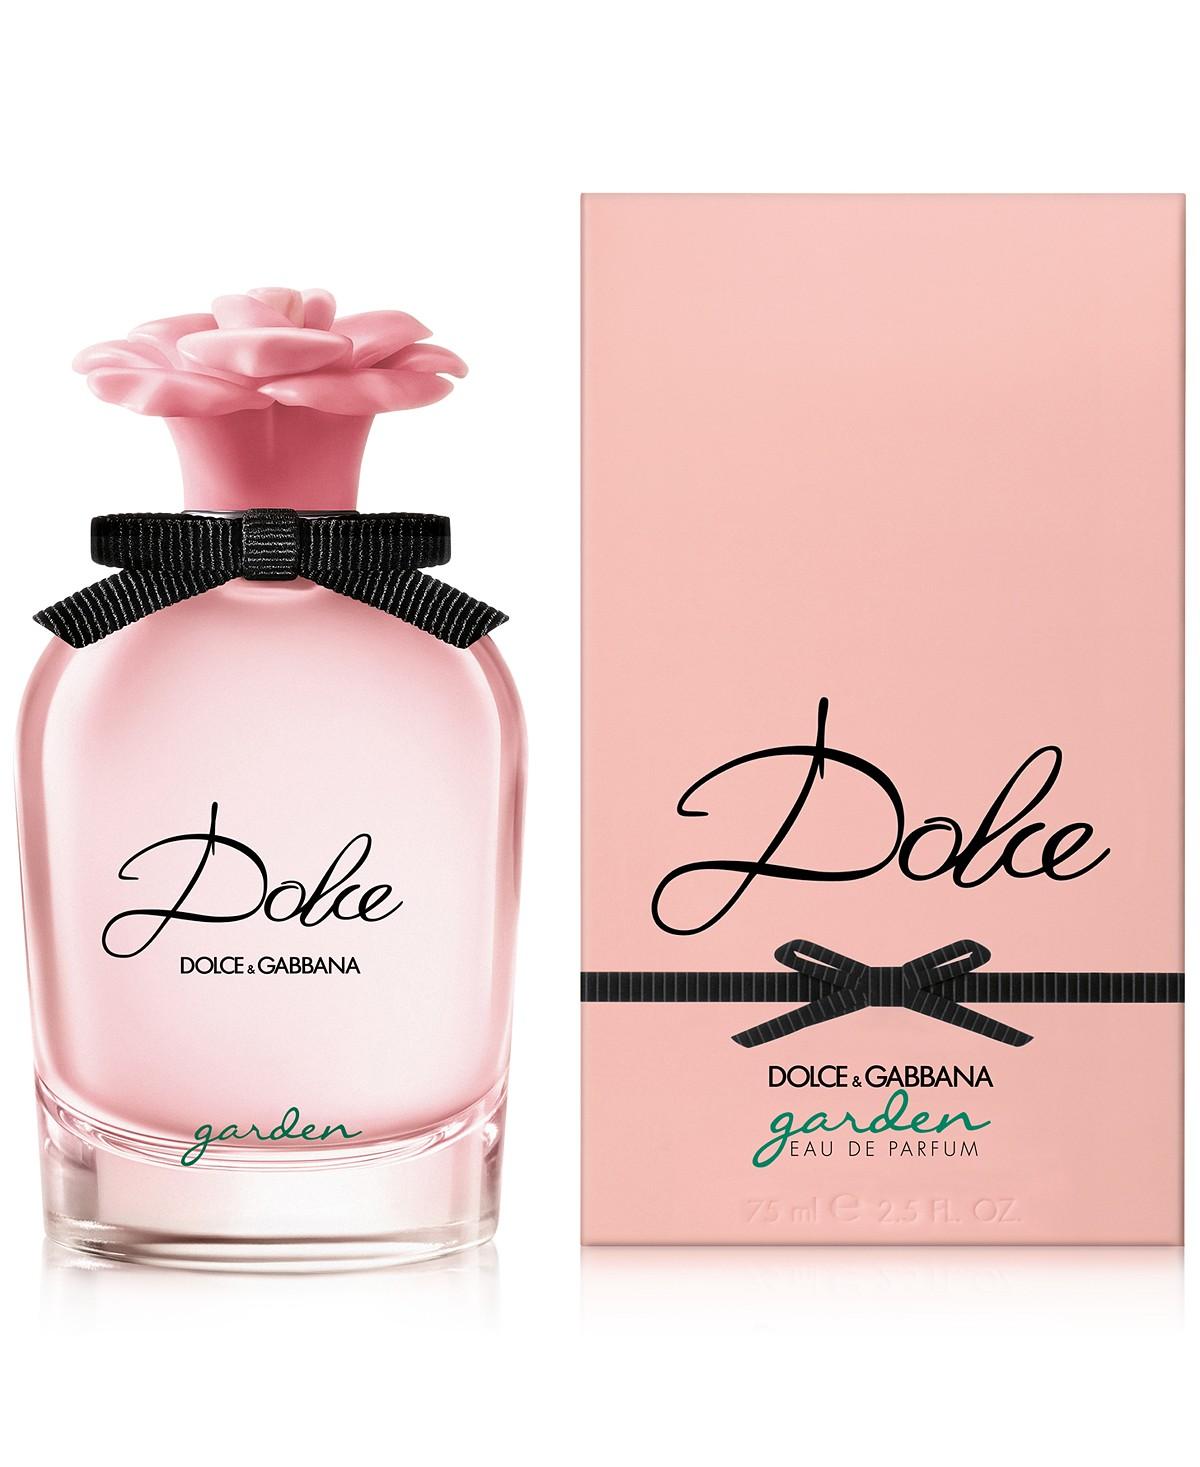 dolce e gabbana profumo dolce rosa